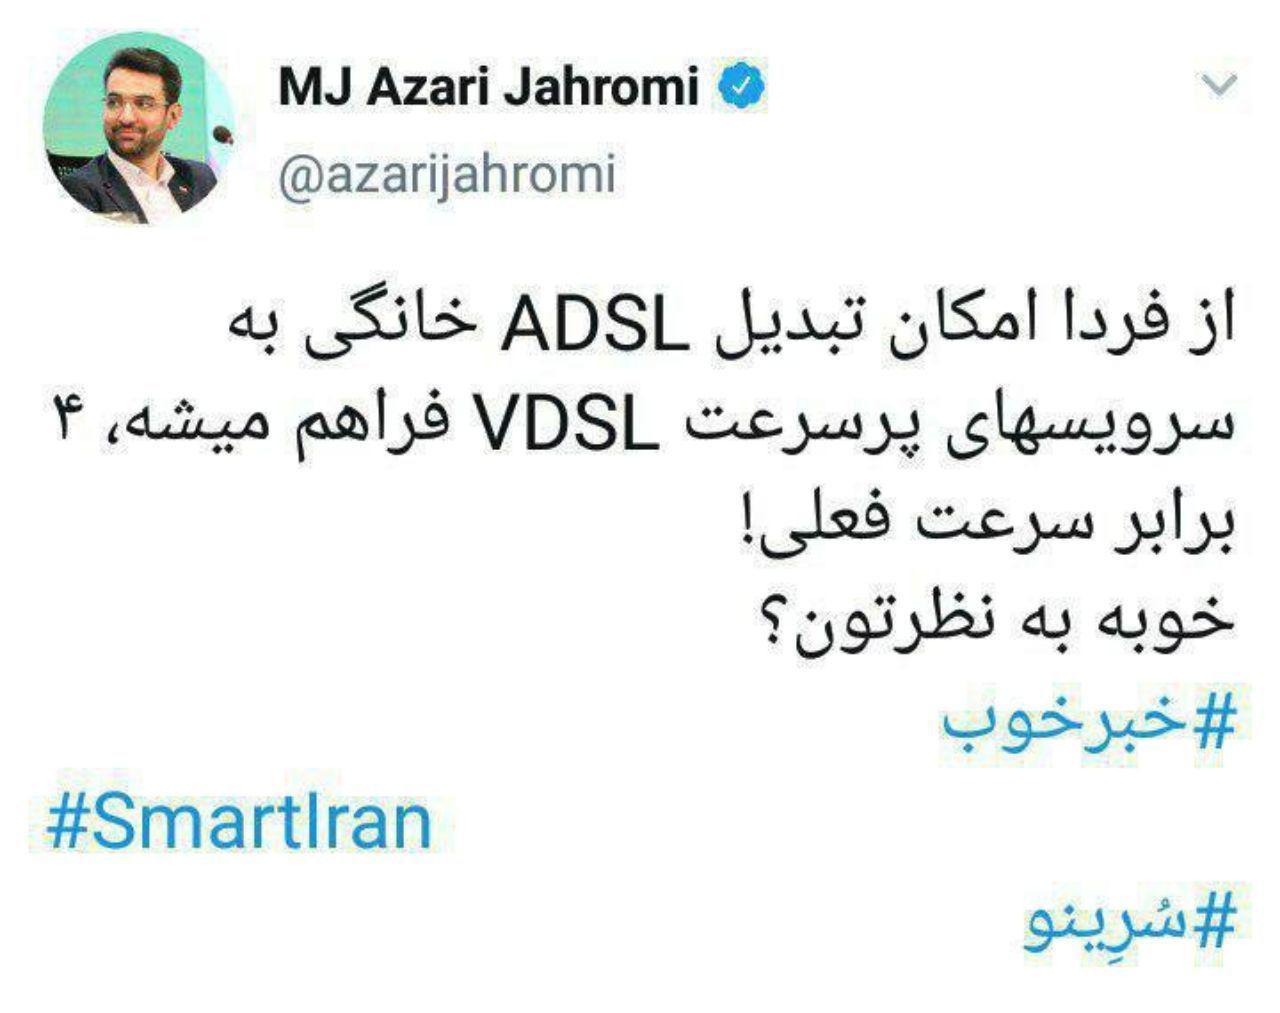 آقای جهرمی برای اینترنت VDSL نه بستر مناسبی فراهمه نه فرهنگ استفاده +تصاویر